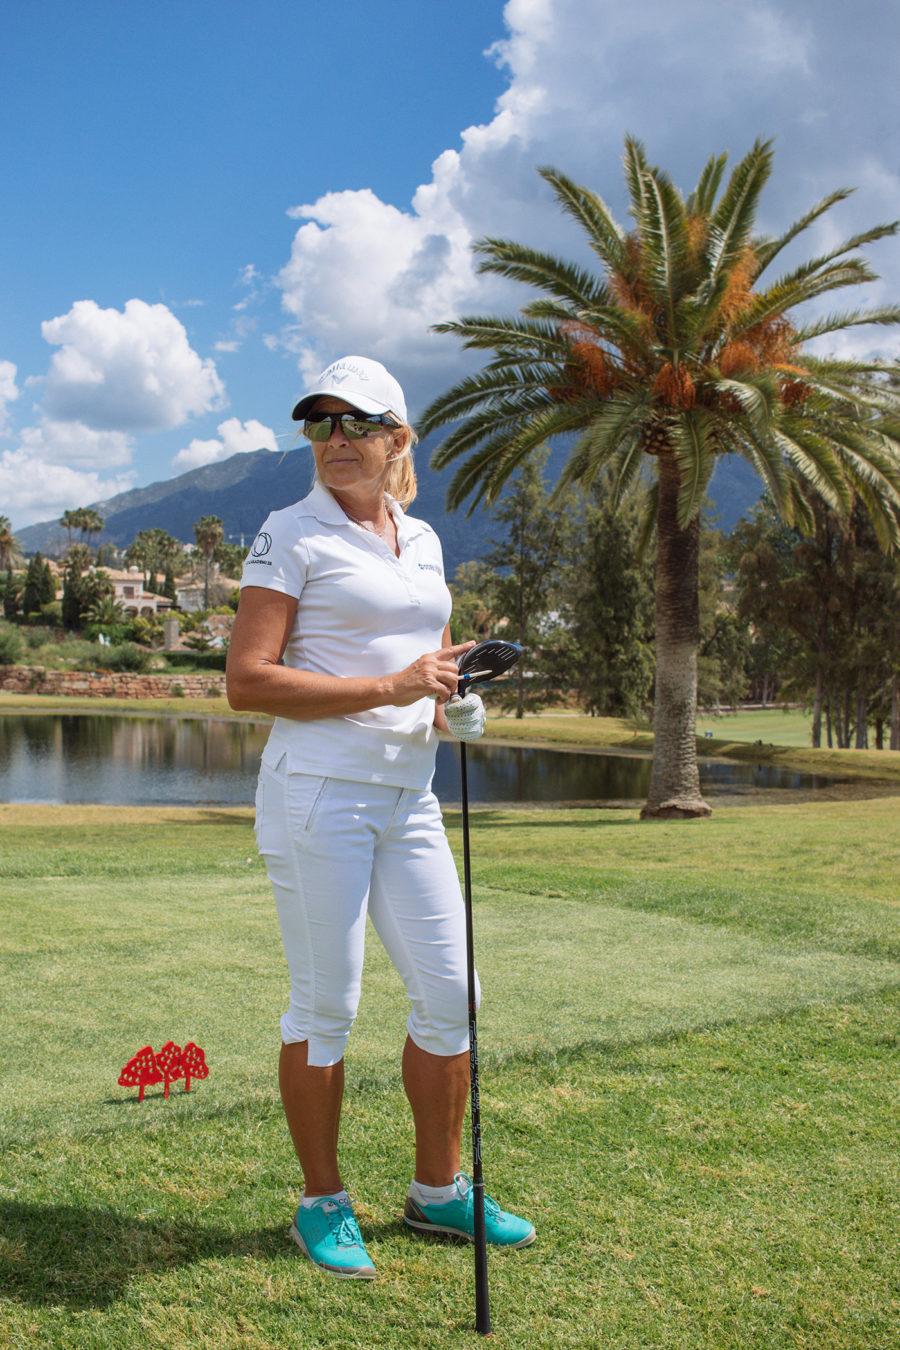 isabel-boltenstern-marbella-golf-9628+